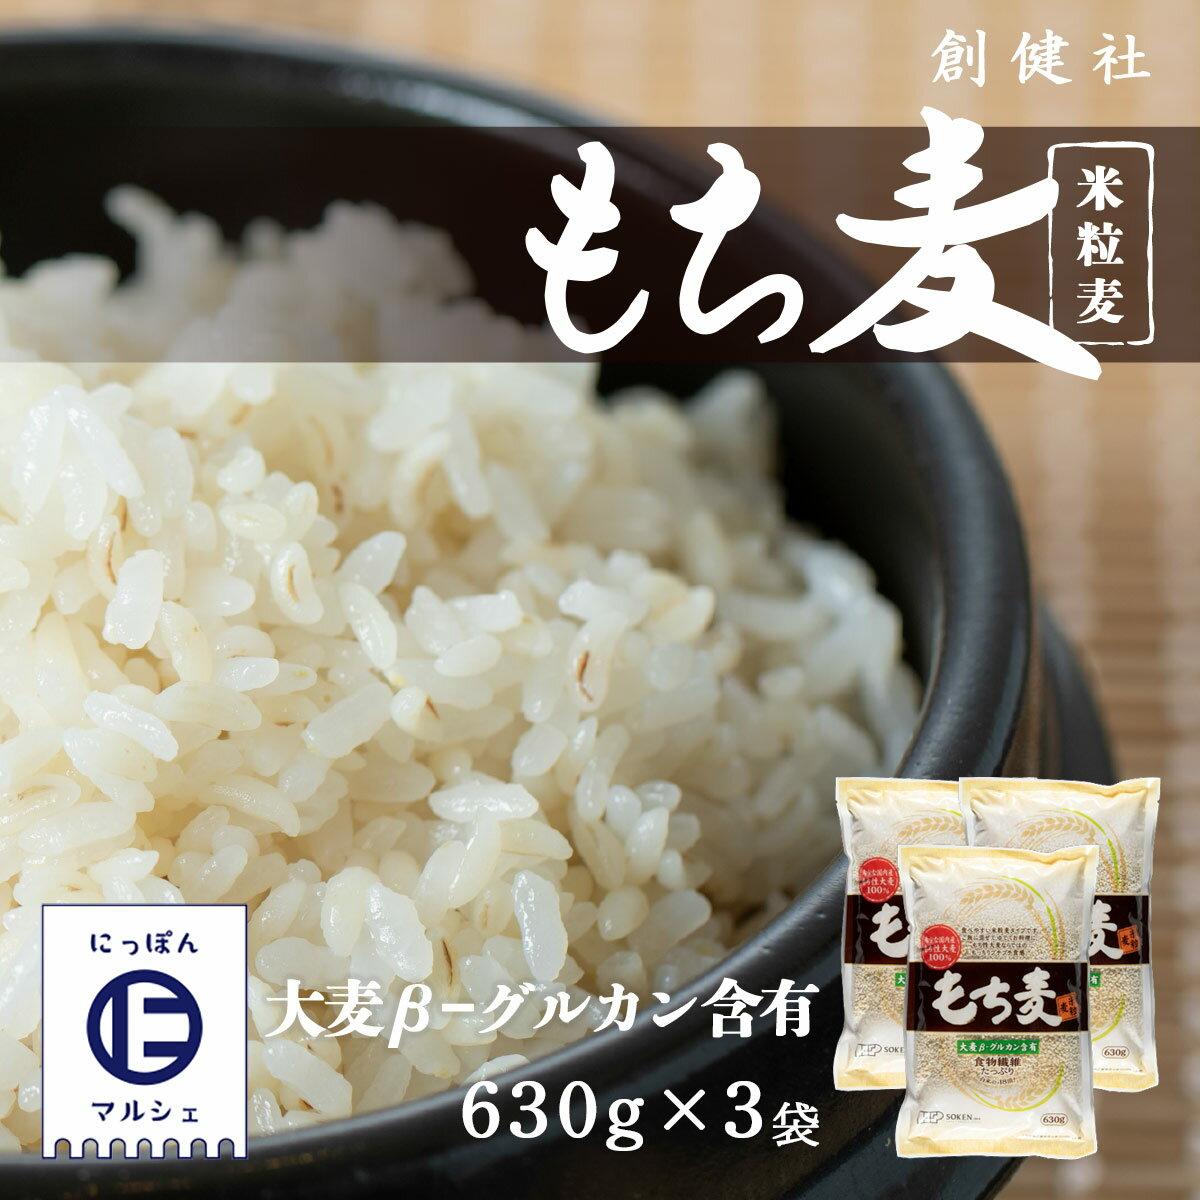 米・雑穀, もち麦  () 630g3